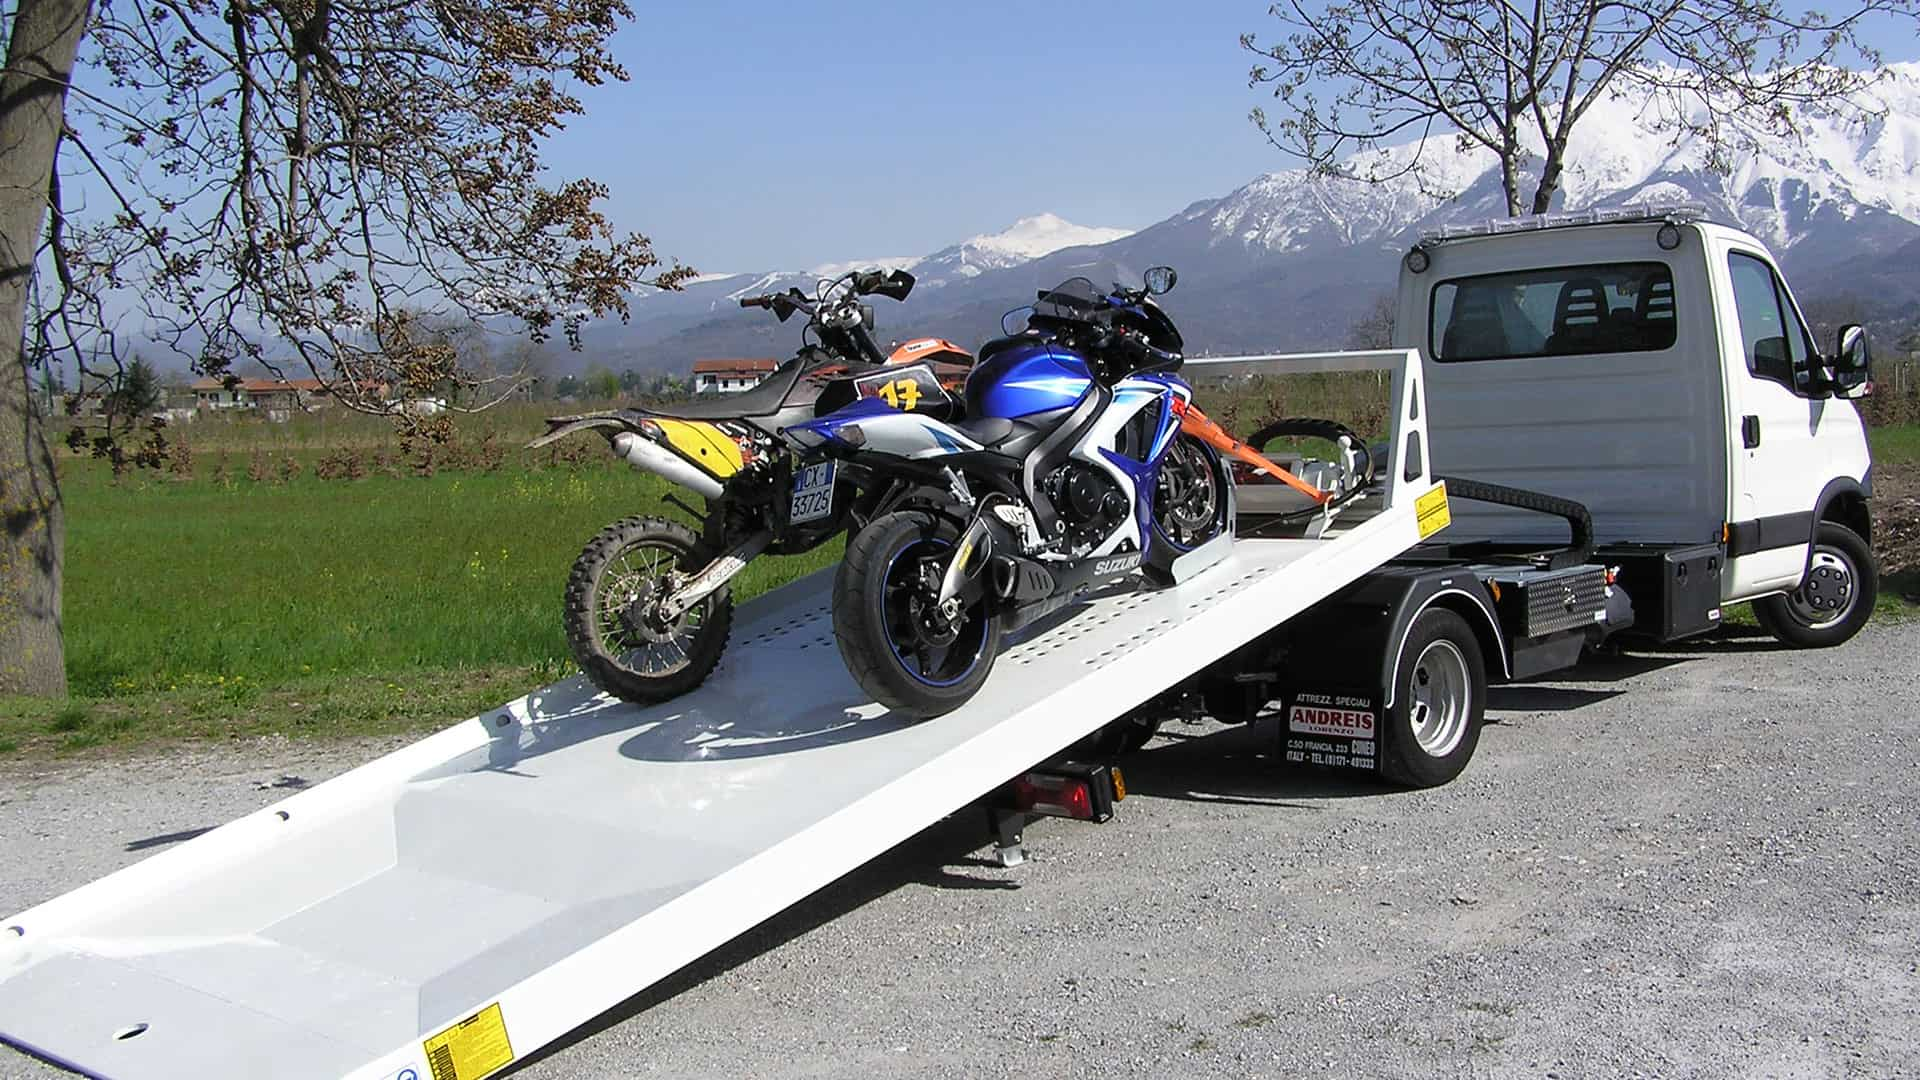 Du motociklai stovi užfiksuoti ant nuleistos tralo platformos